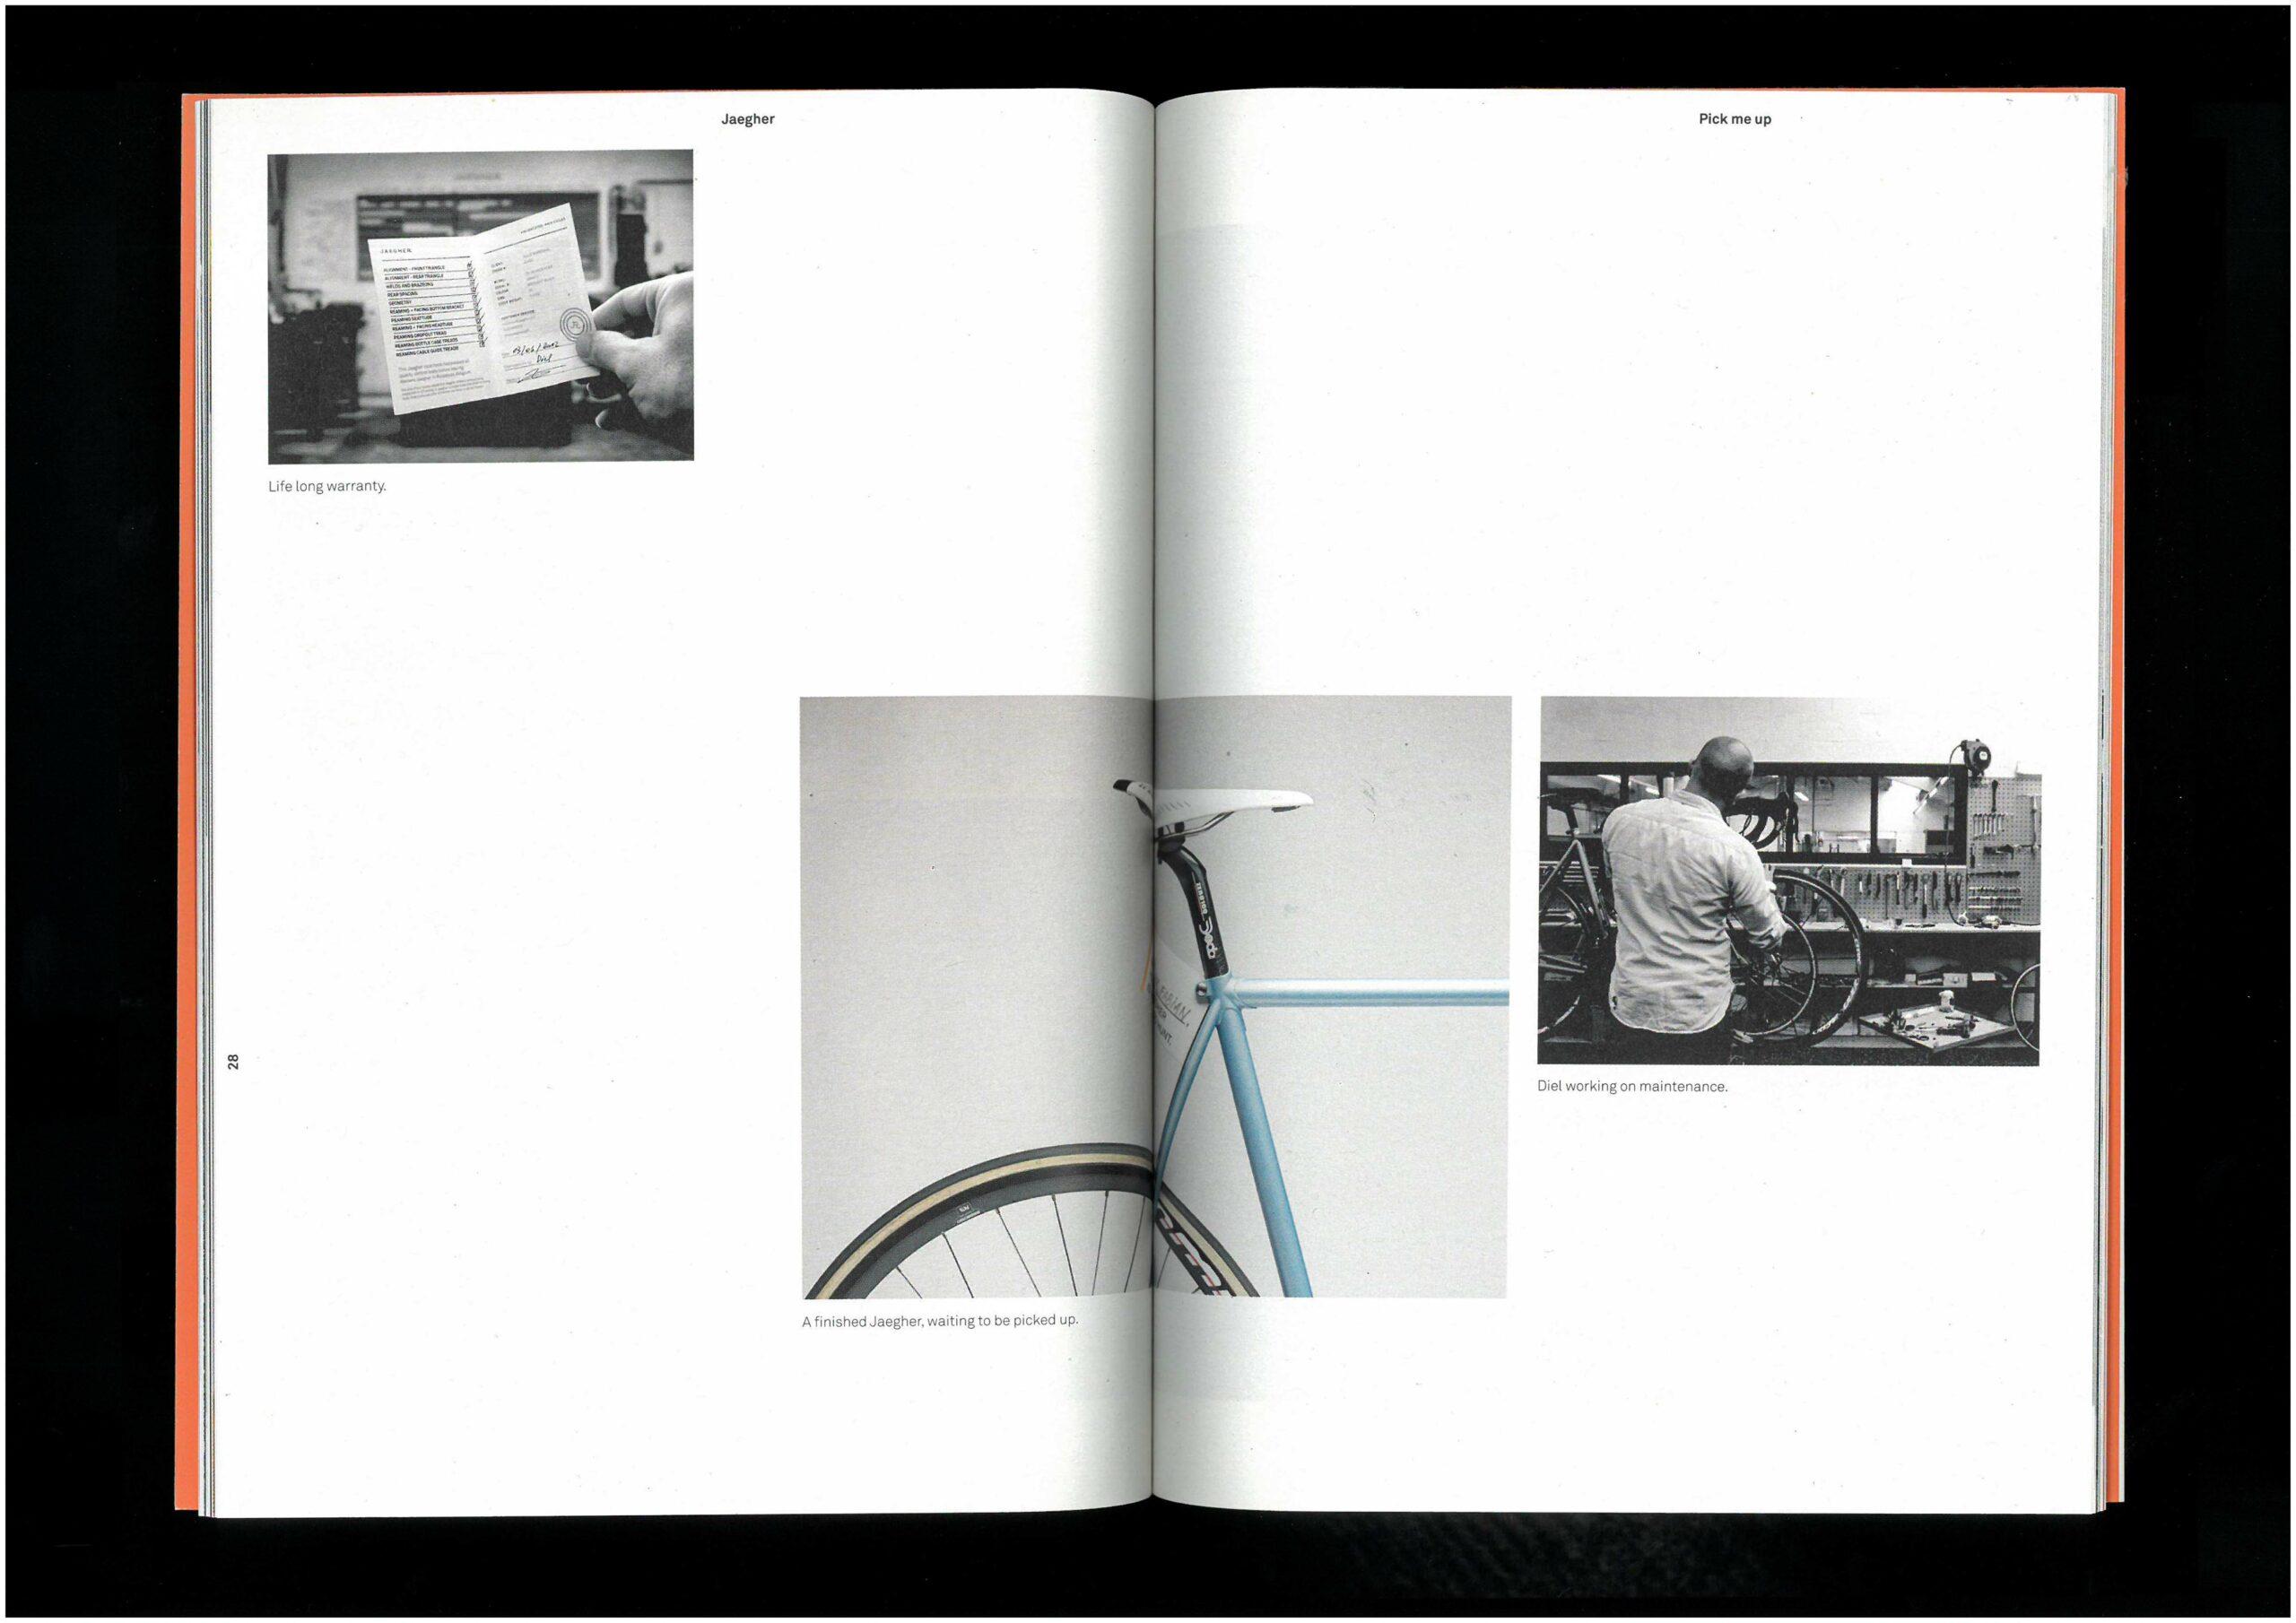 Jaegher_Brochure_01